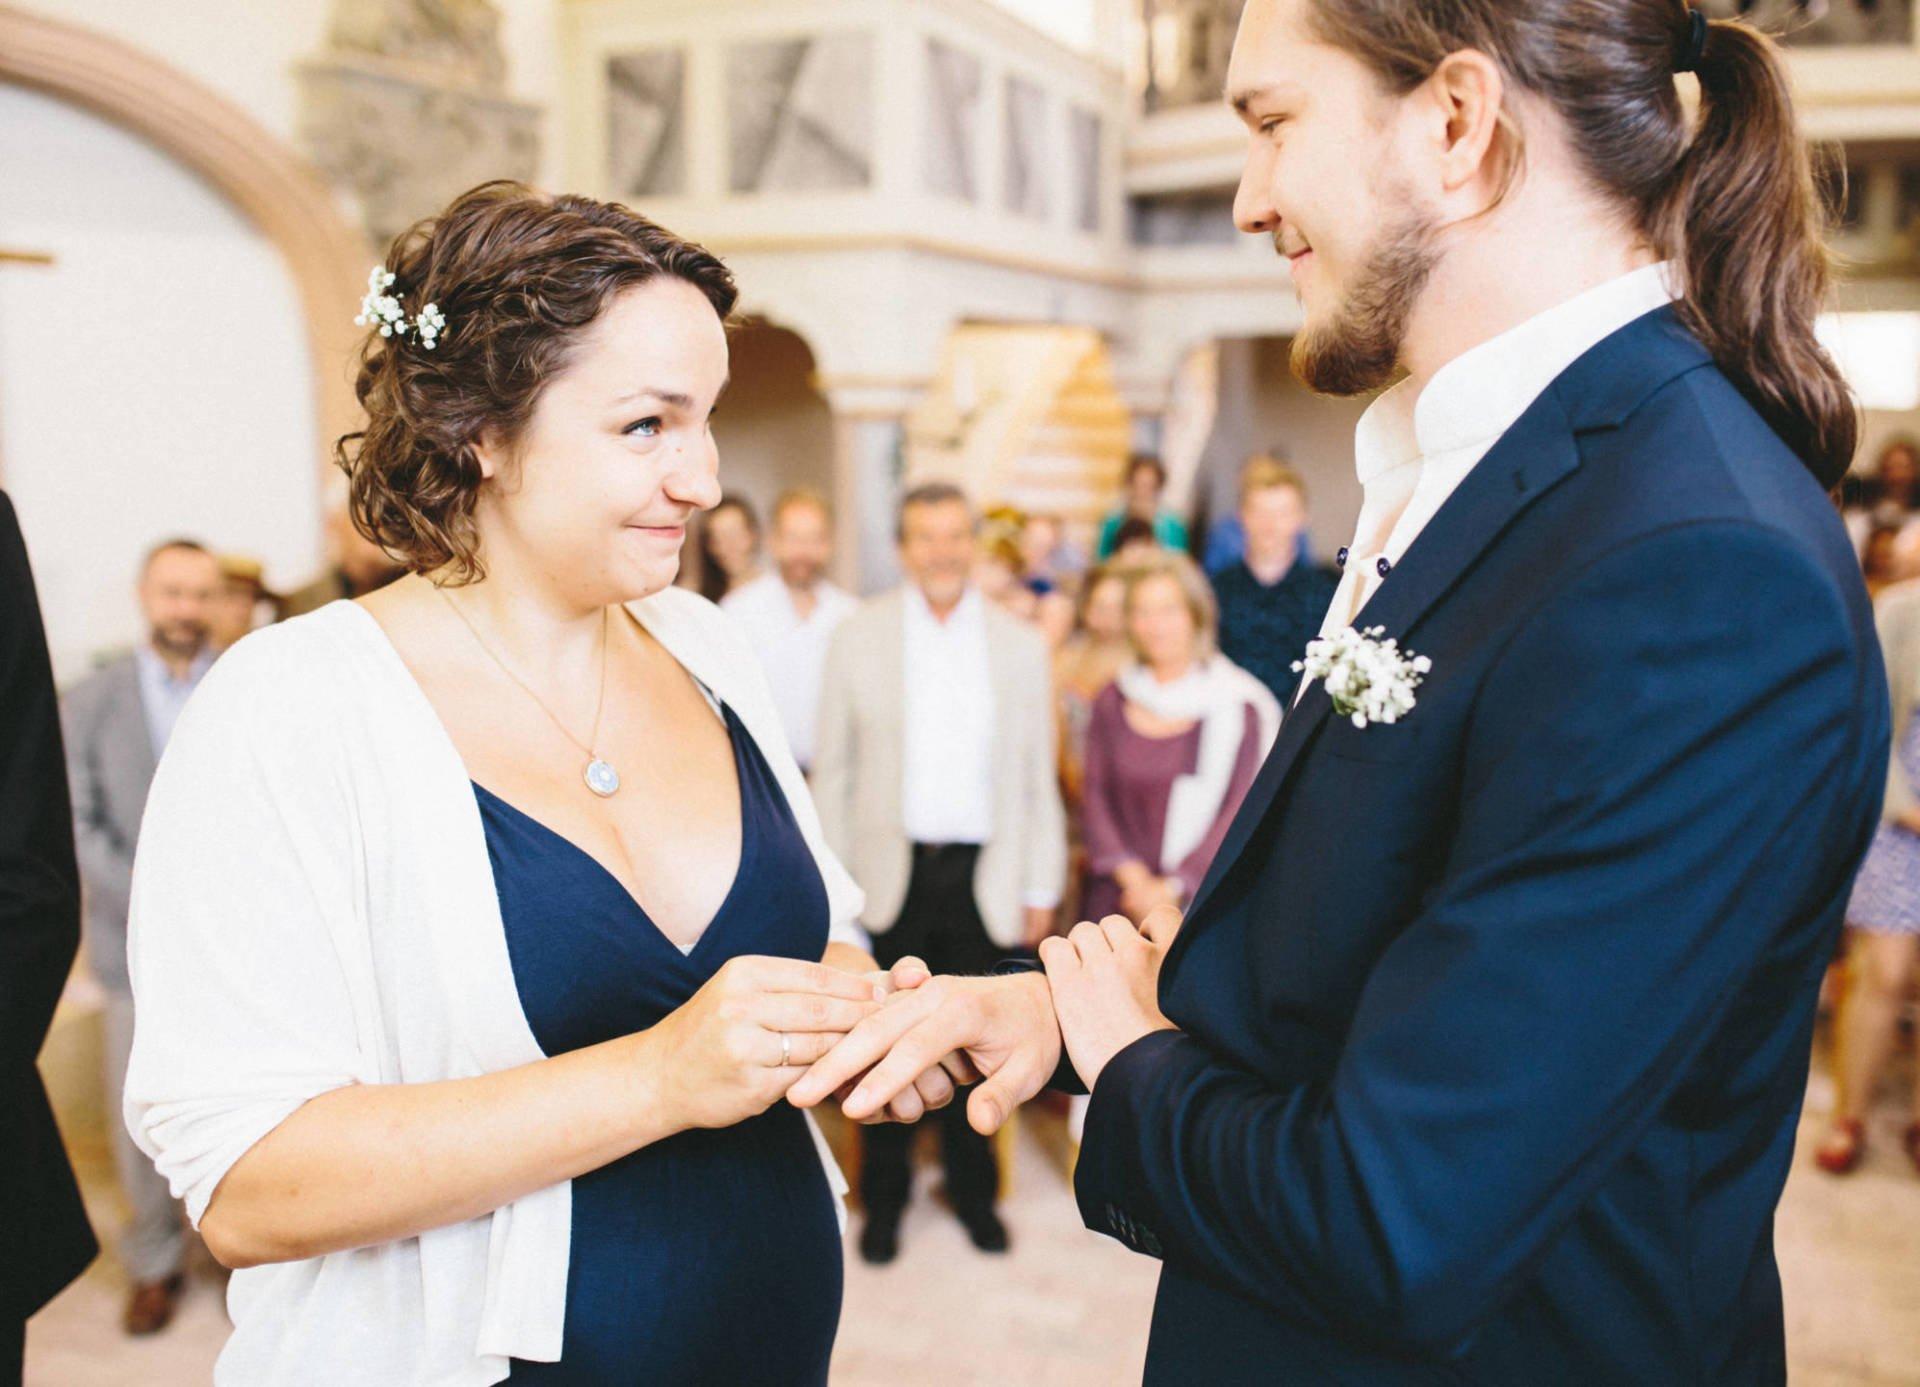 Hochzeitsreportage | Hochzeit in Kreuzgewölbe Schöngleina | 10